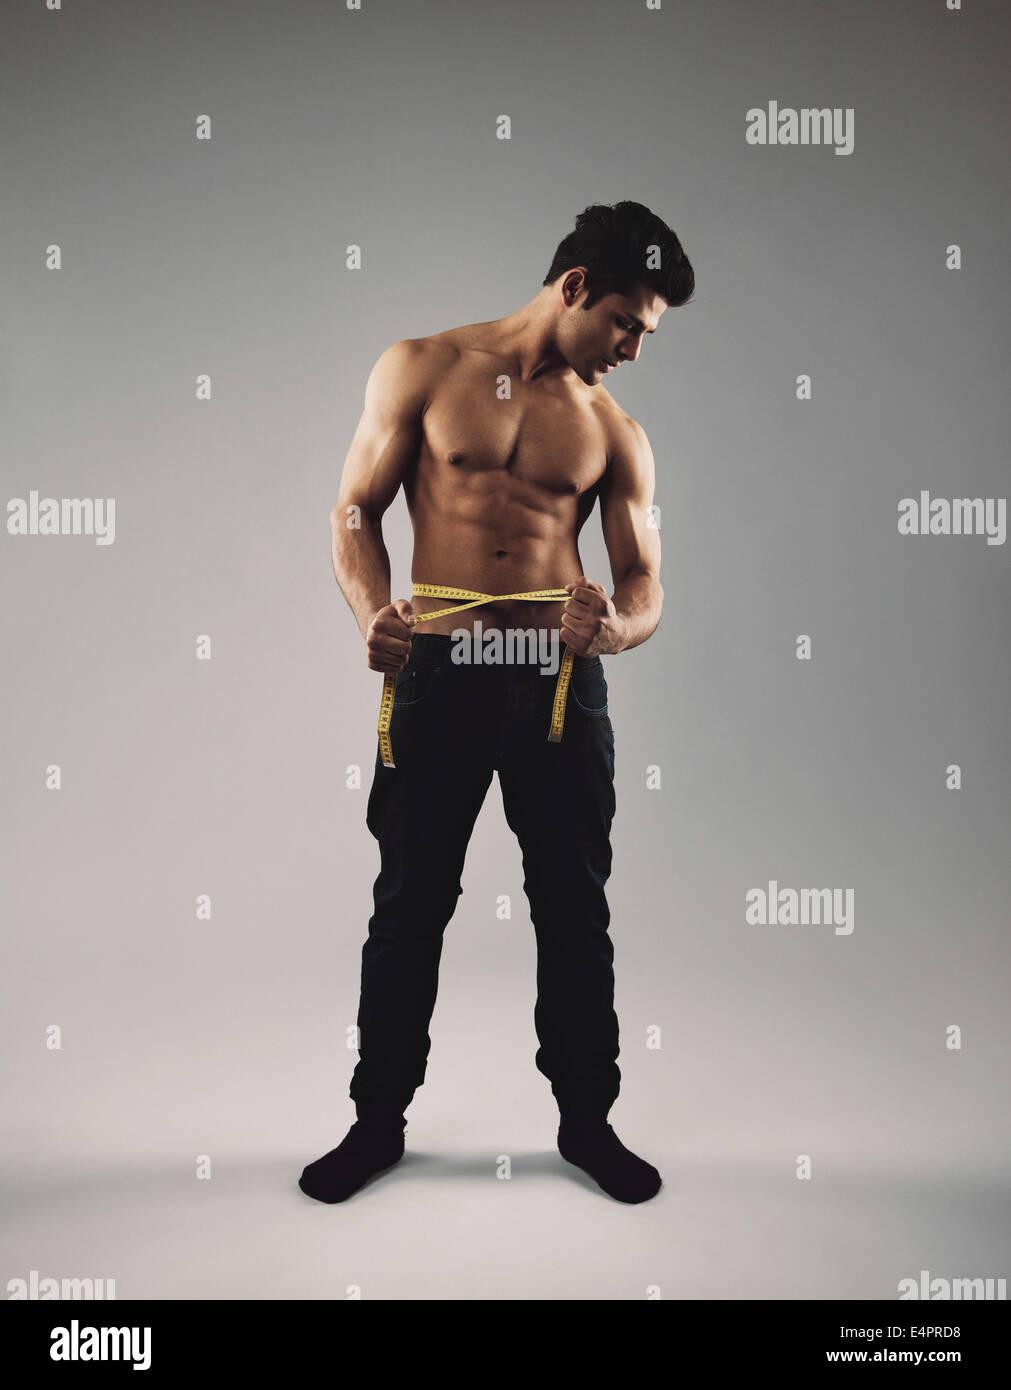 Voller Länge Bild Fit jungen Mannes mit Maßband um seine Taille messen seines Körpers. Maskuline Stockbild